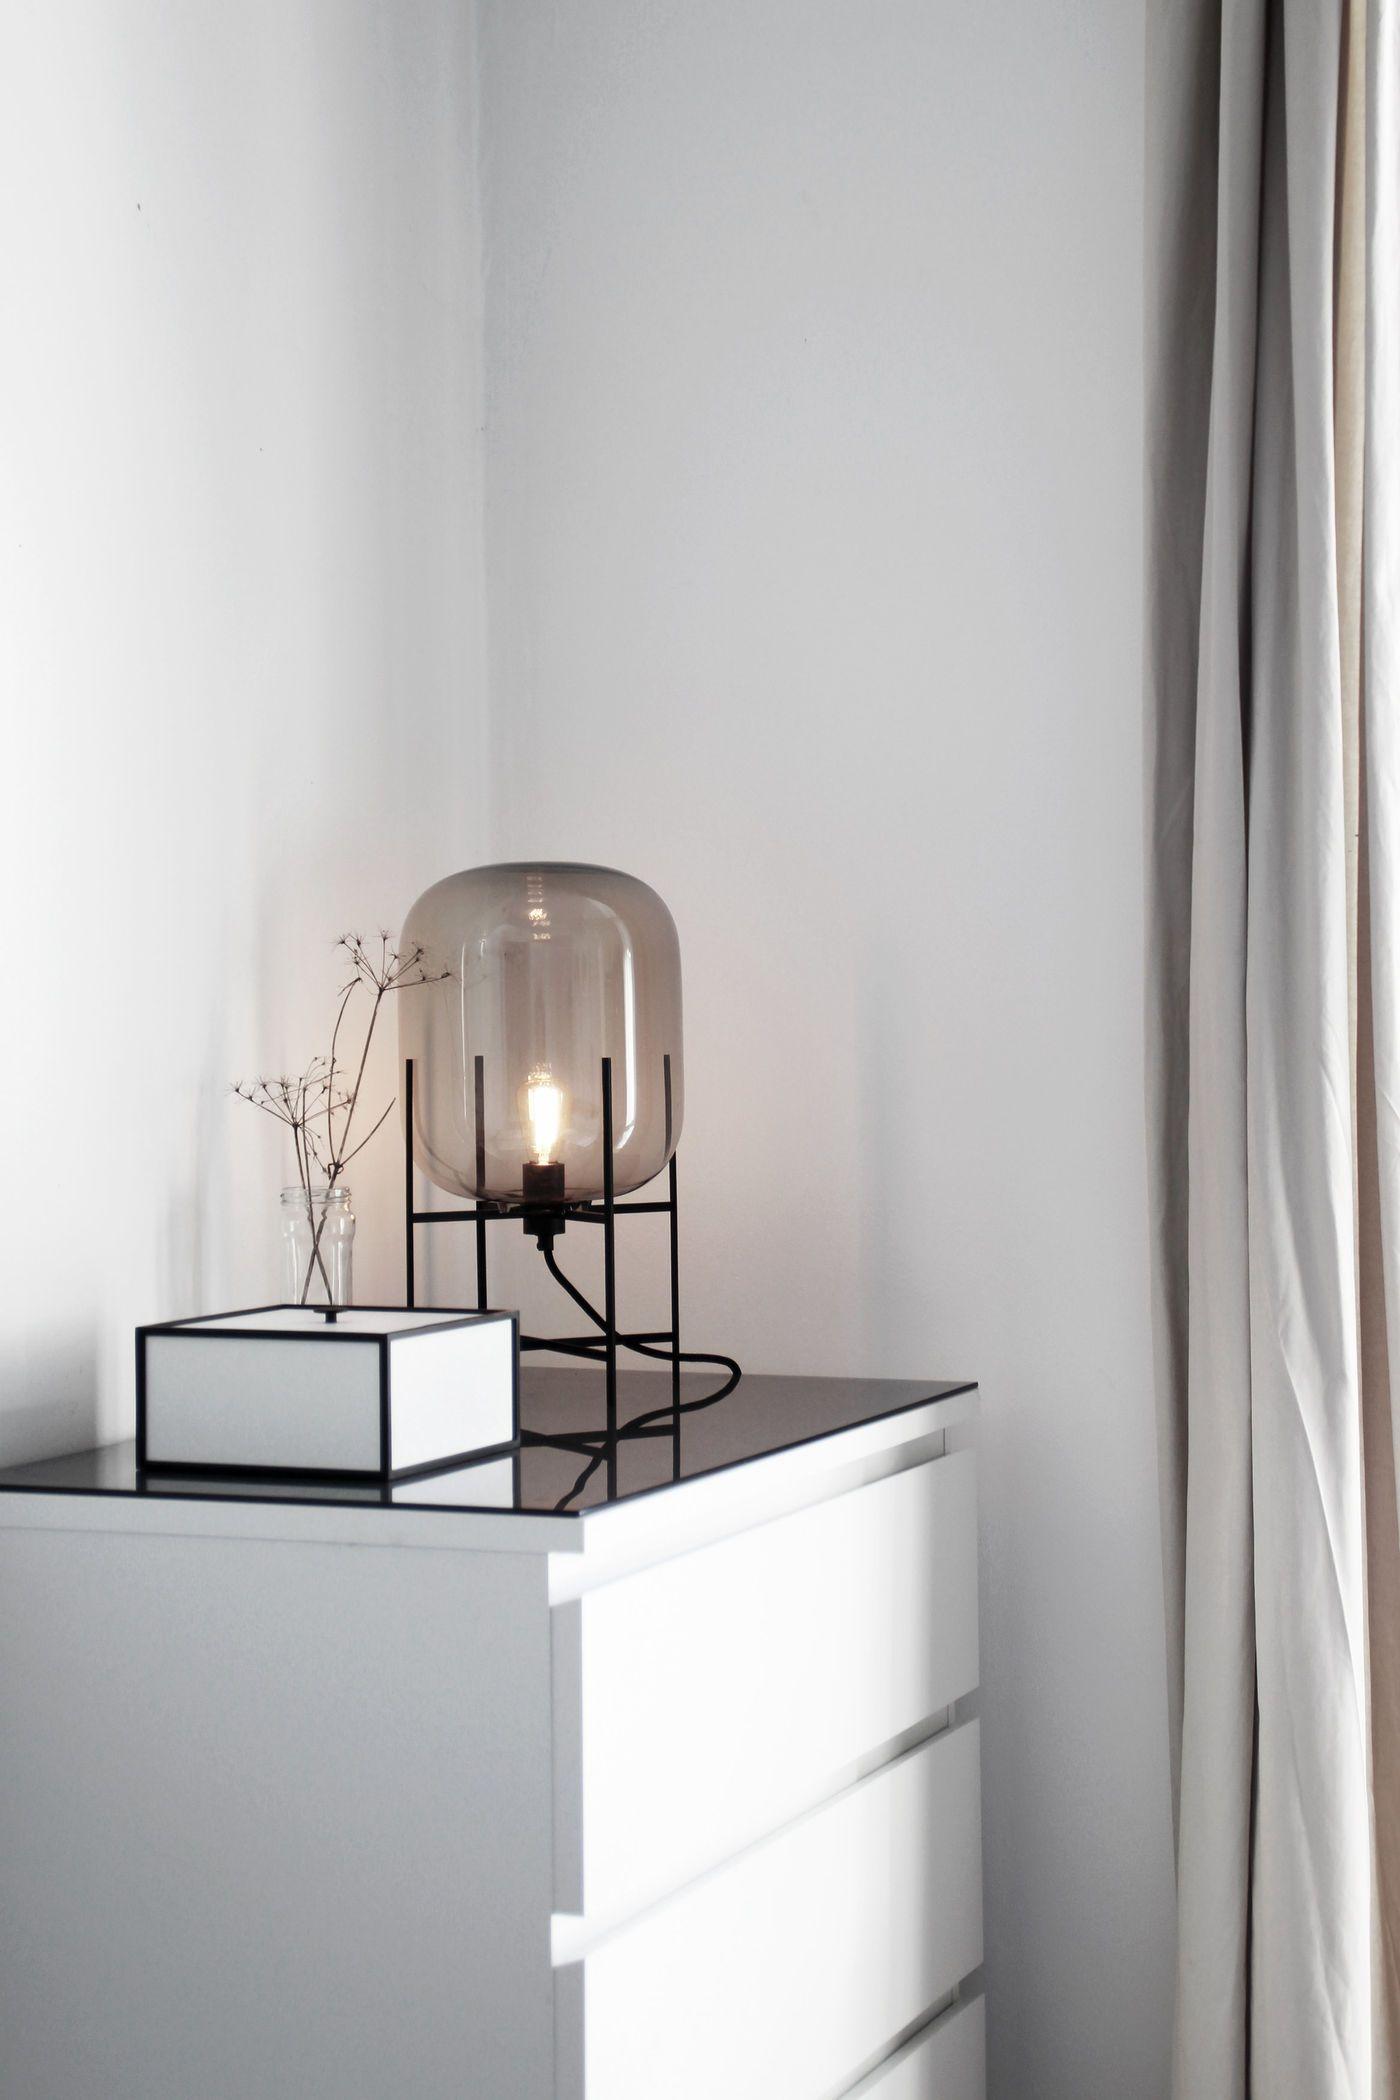 Tolle Ideen Fur Das Einrichten Mit Der Ikea Malm Serie